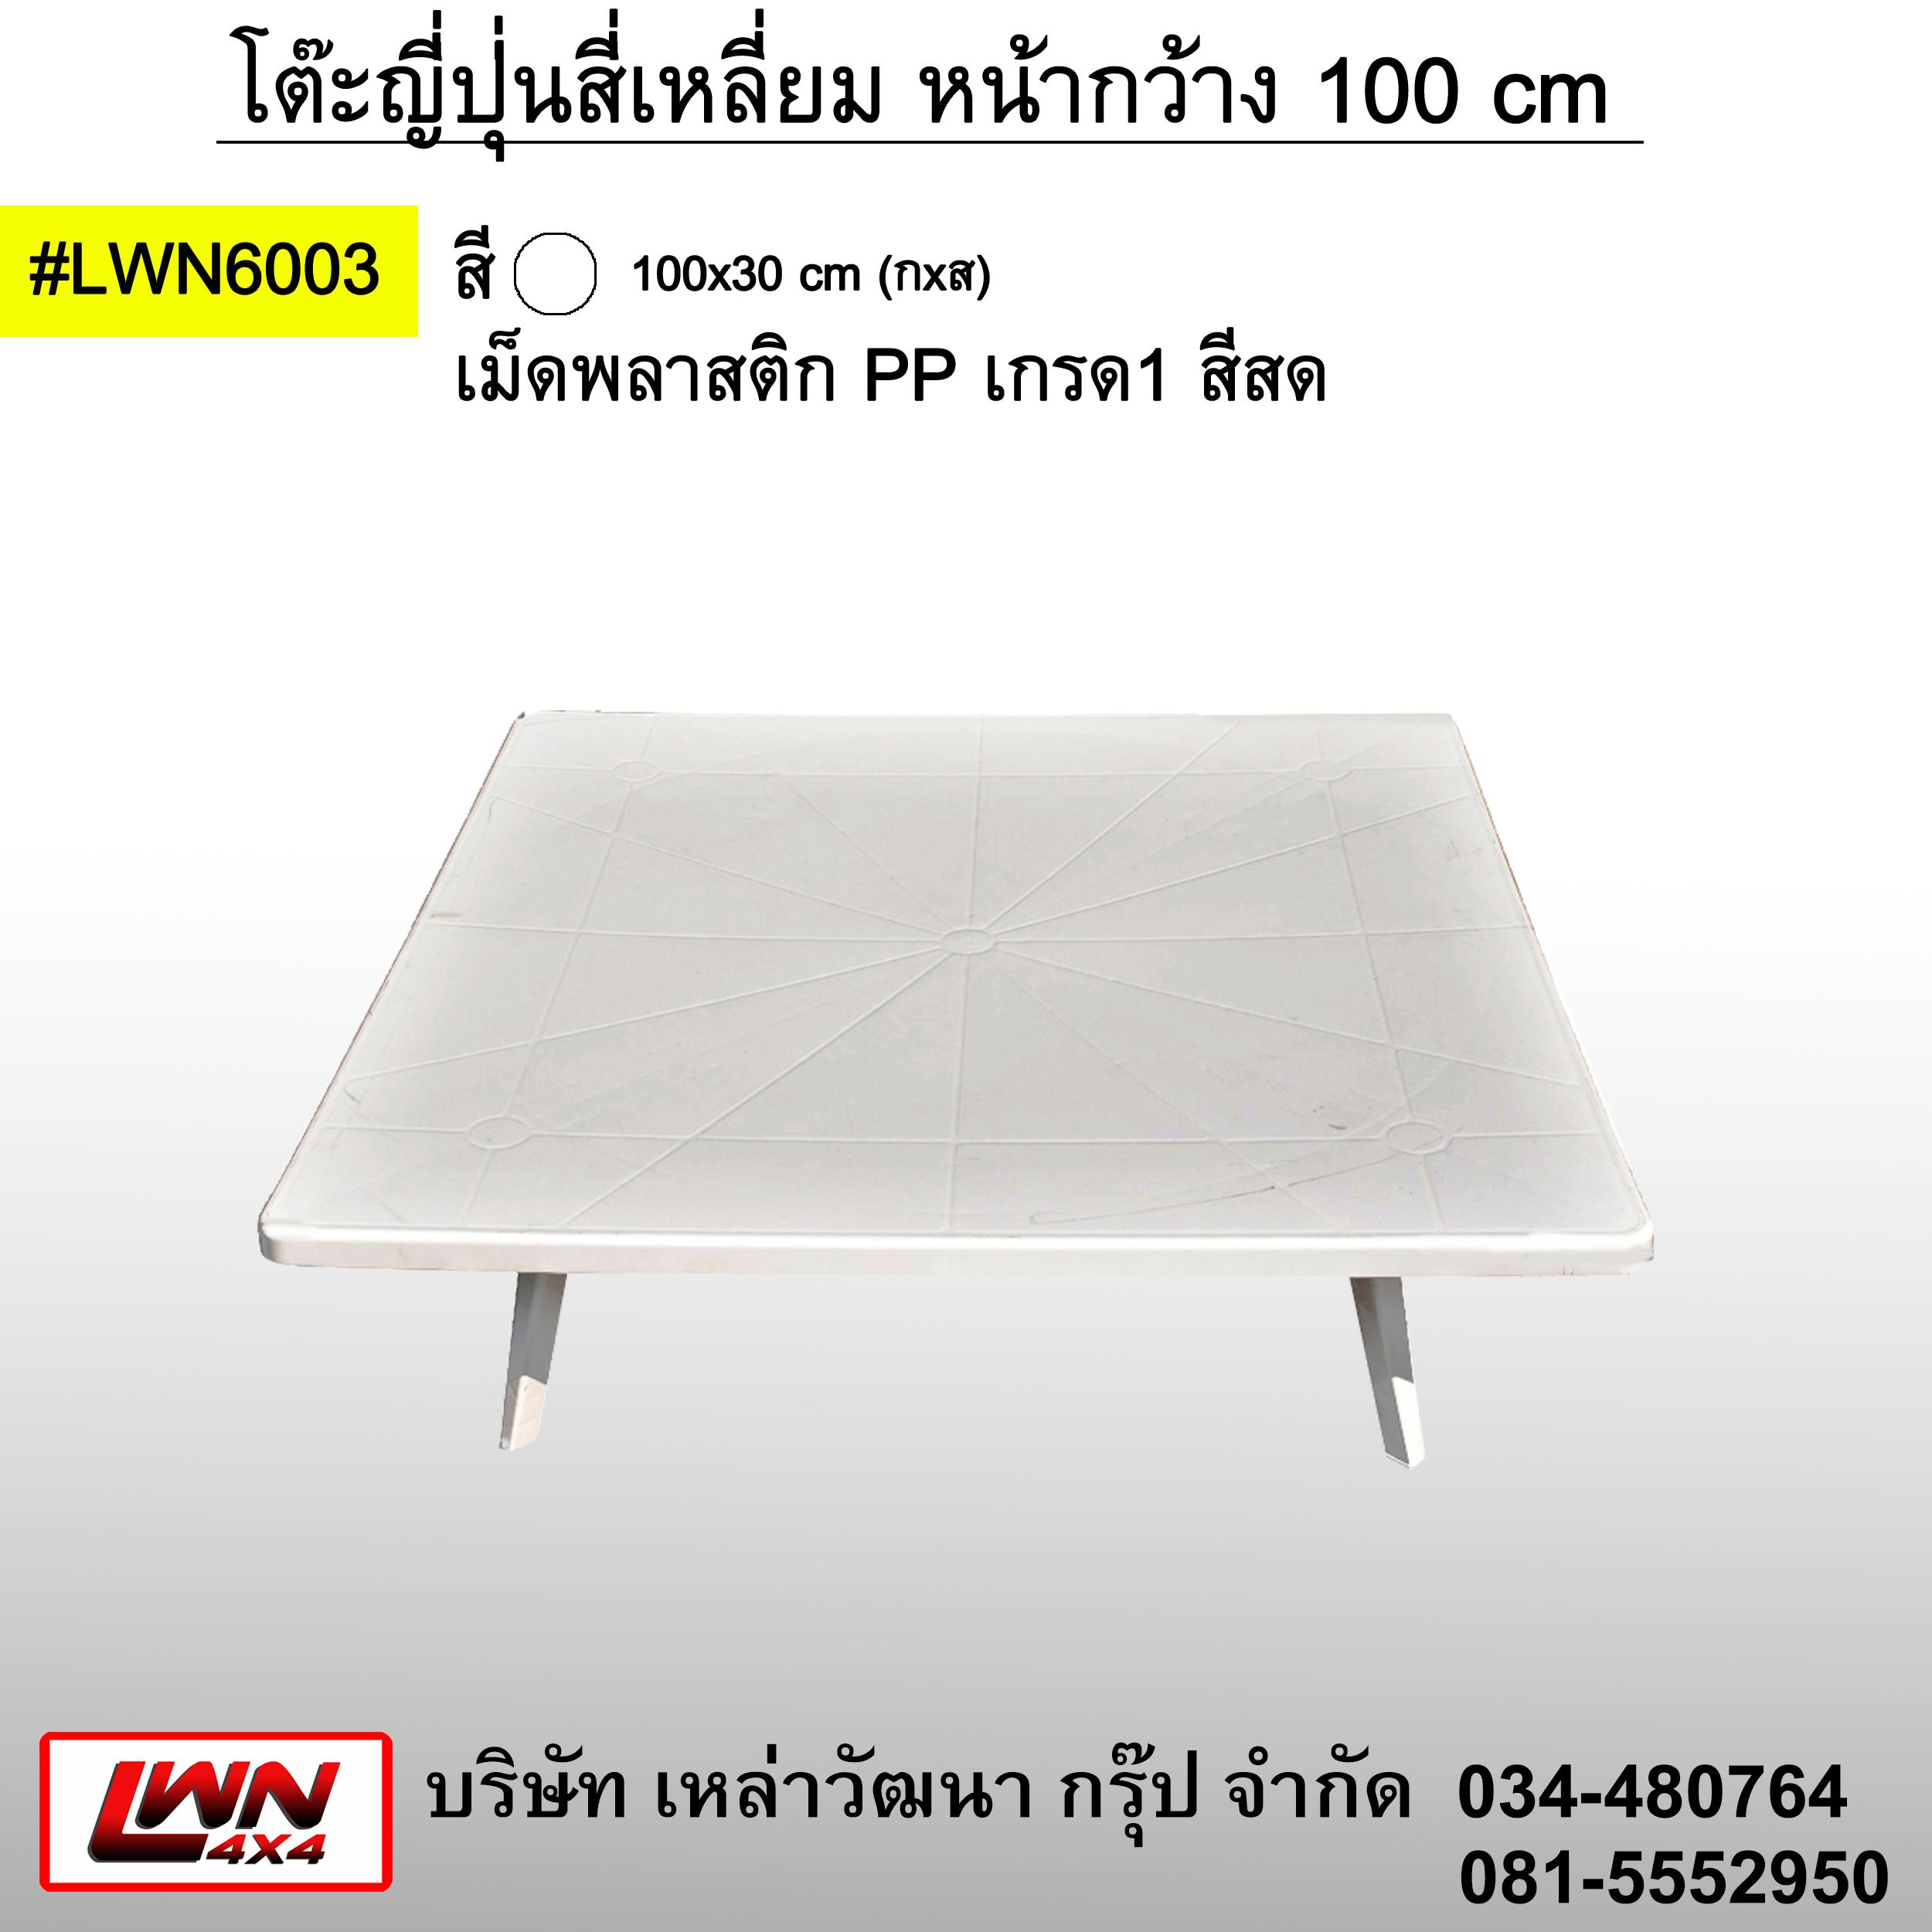 Low table width 100x100cm #LWN6003